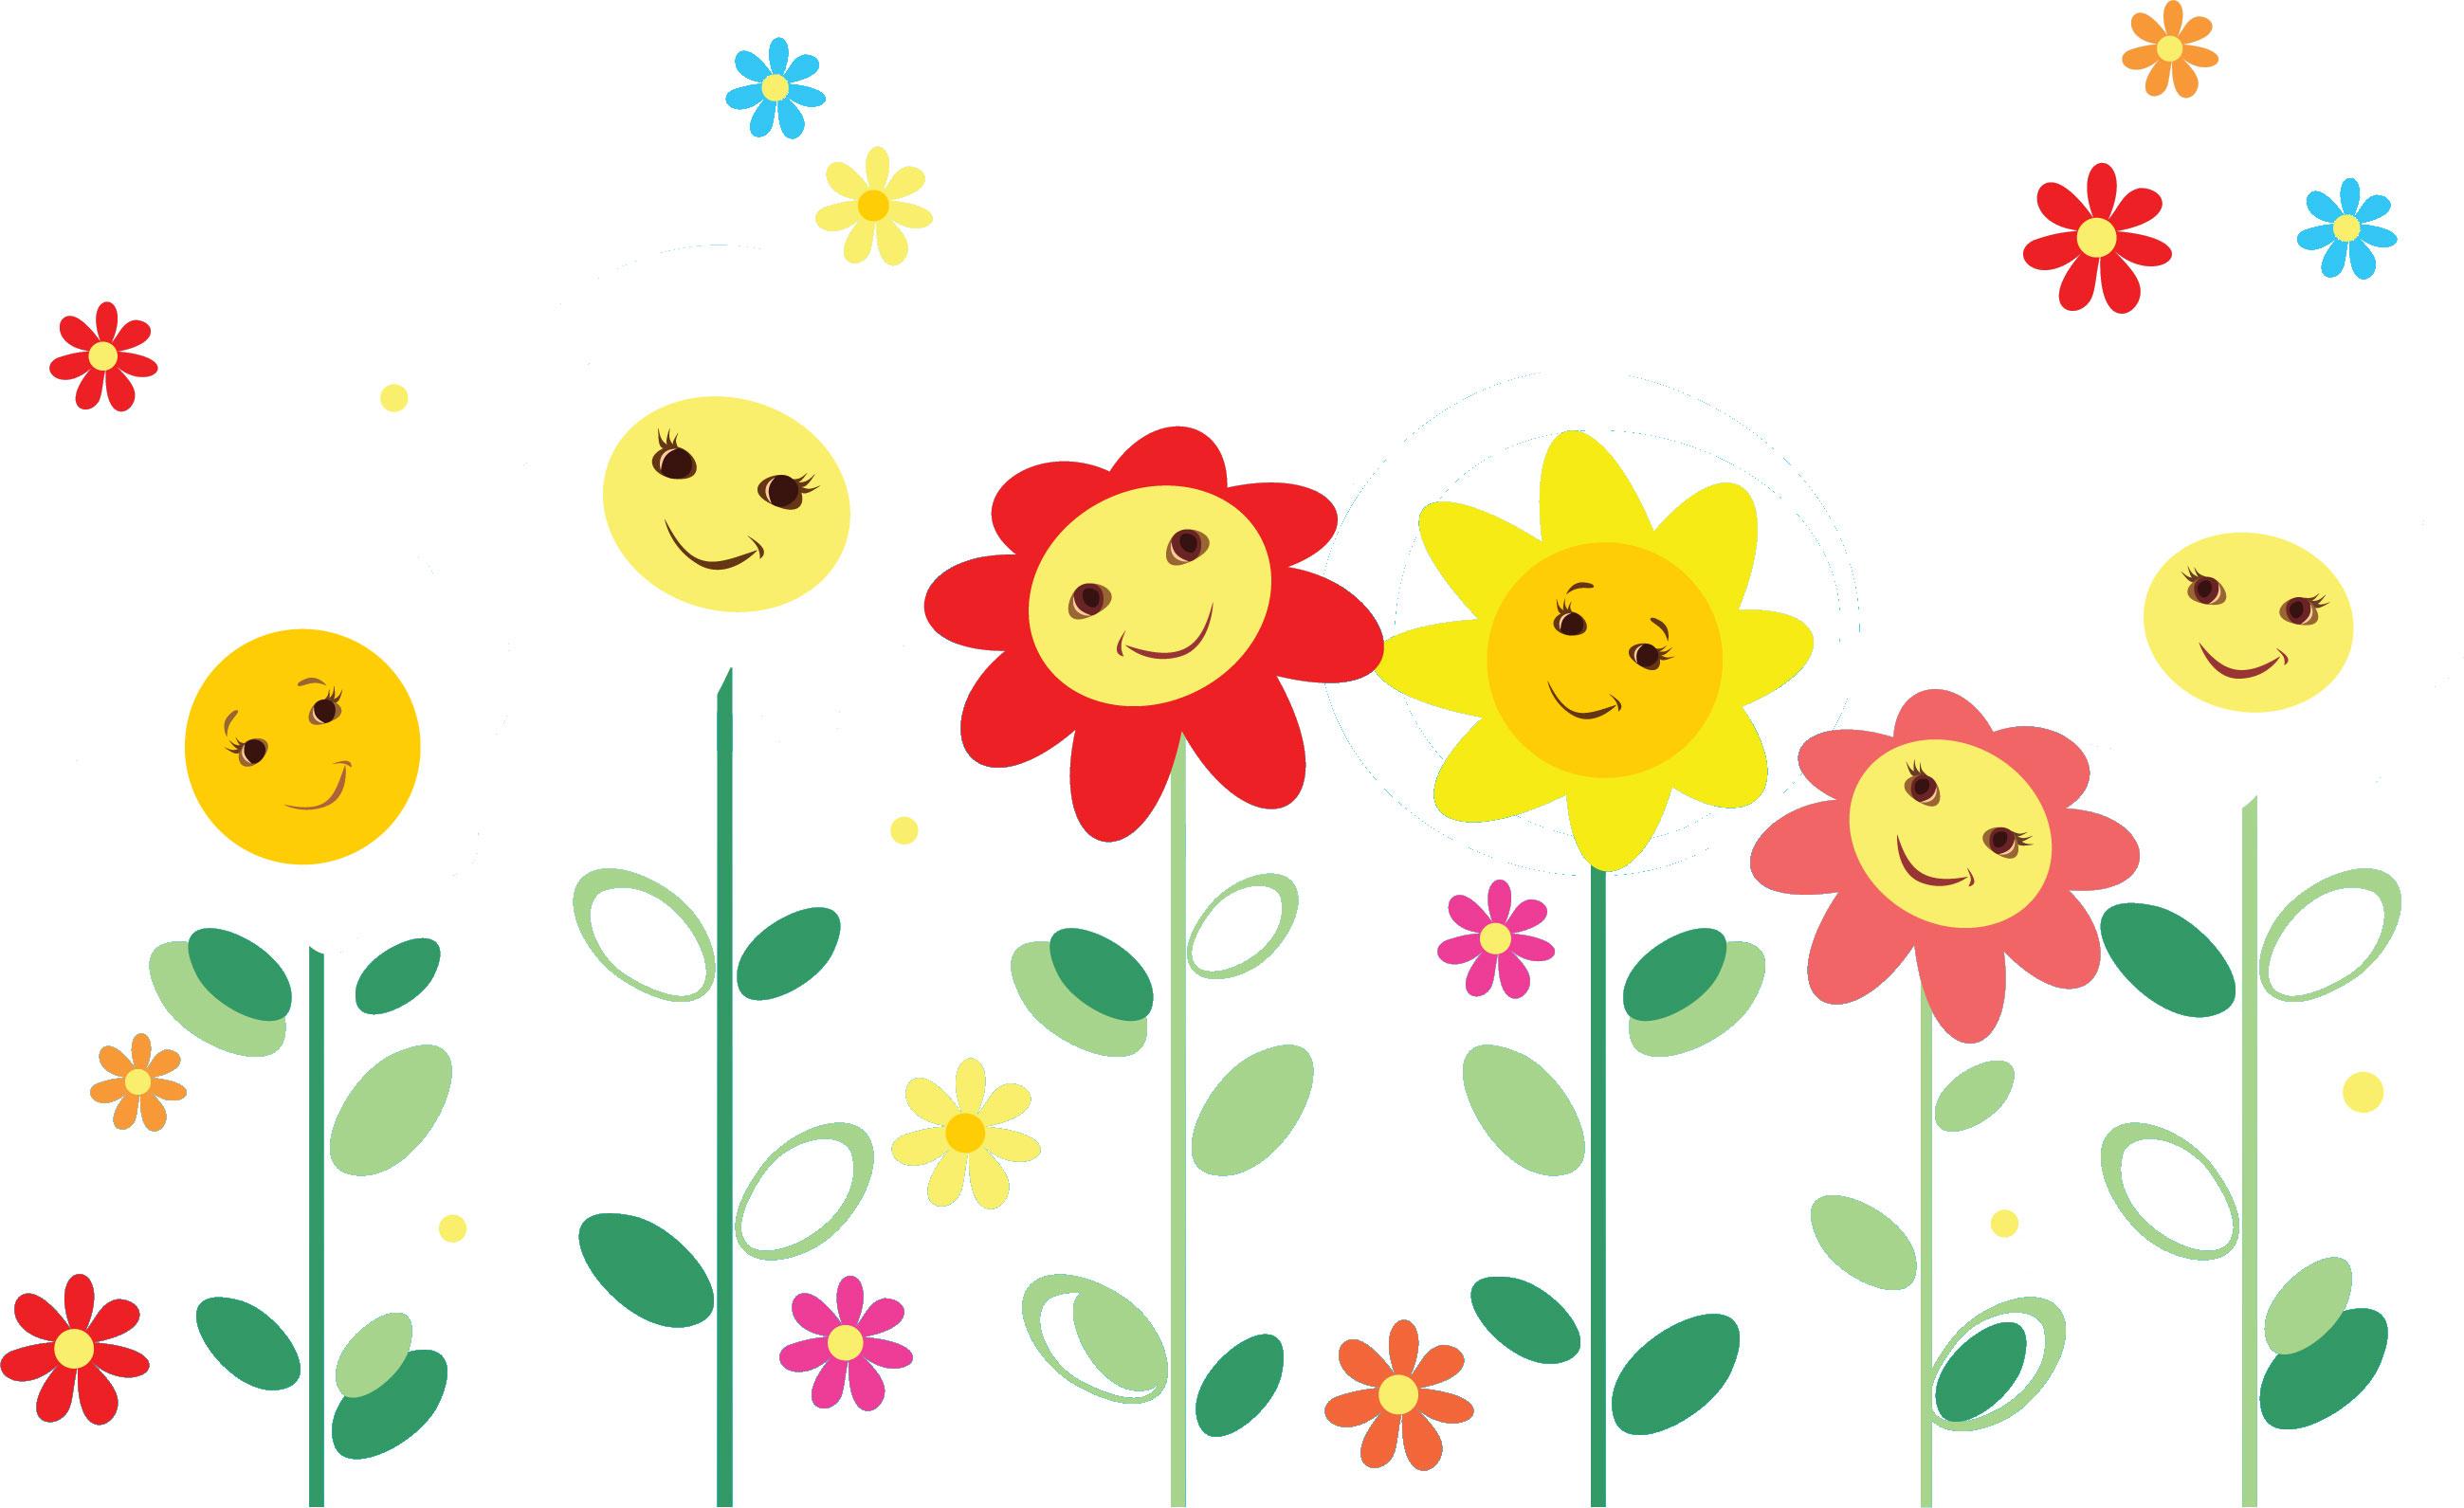 ポップでかわいい花のイラスト・フリー素材/no.046『フラワーフェイス』